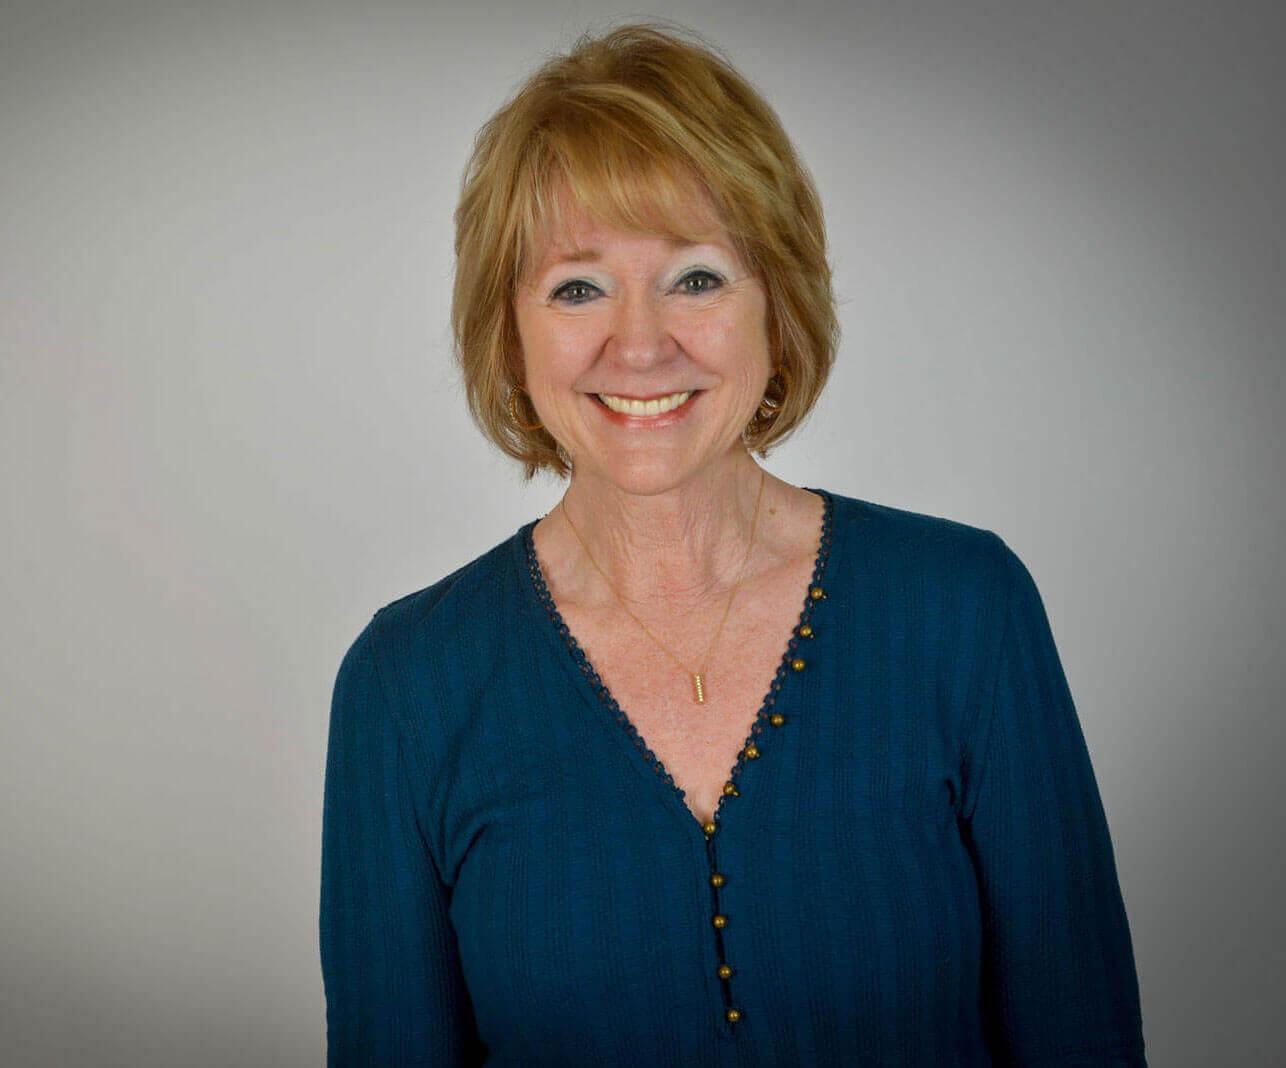 Dr. Ann Schiebert